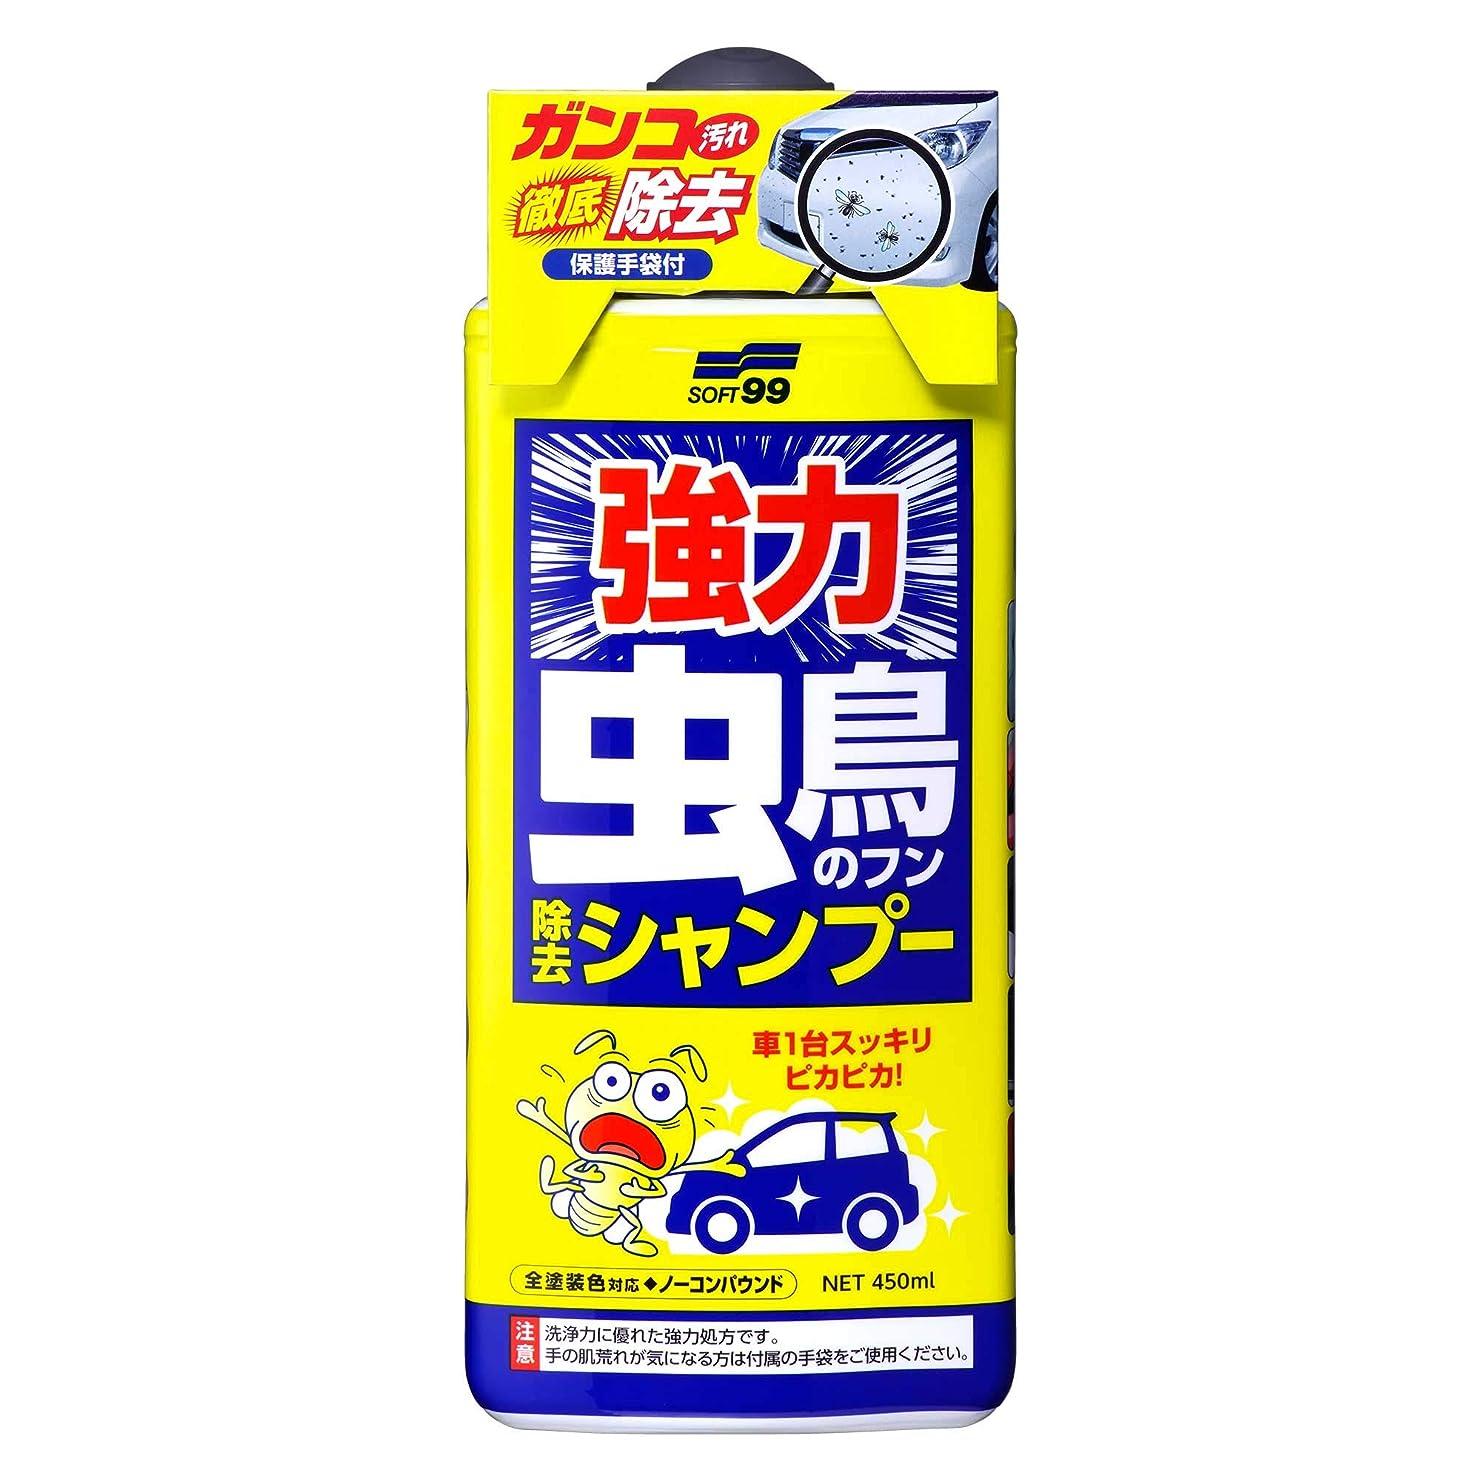 香り露大工SOFT99 ( ソフト99 ) 洗車 シャンプー 強力 虫?鳥フン除去シャンプー 04288